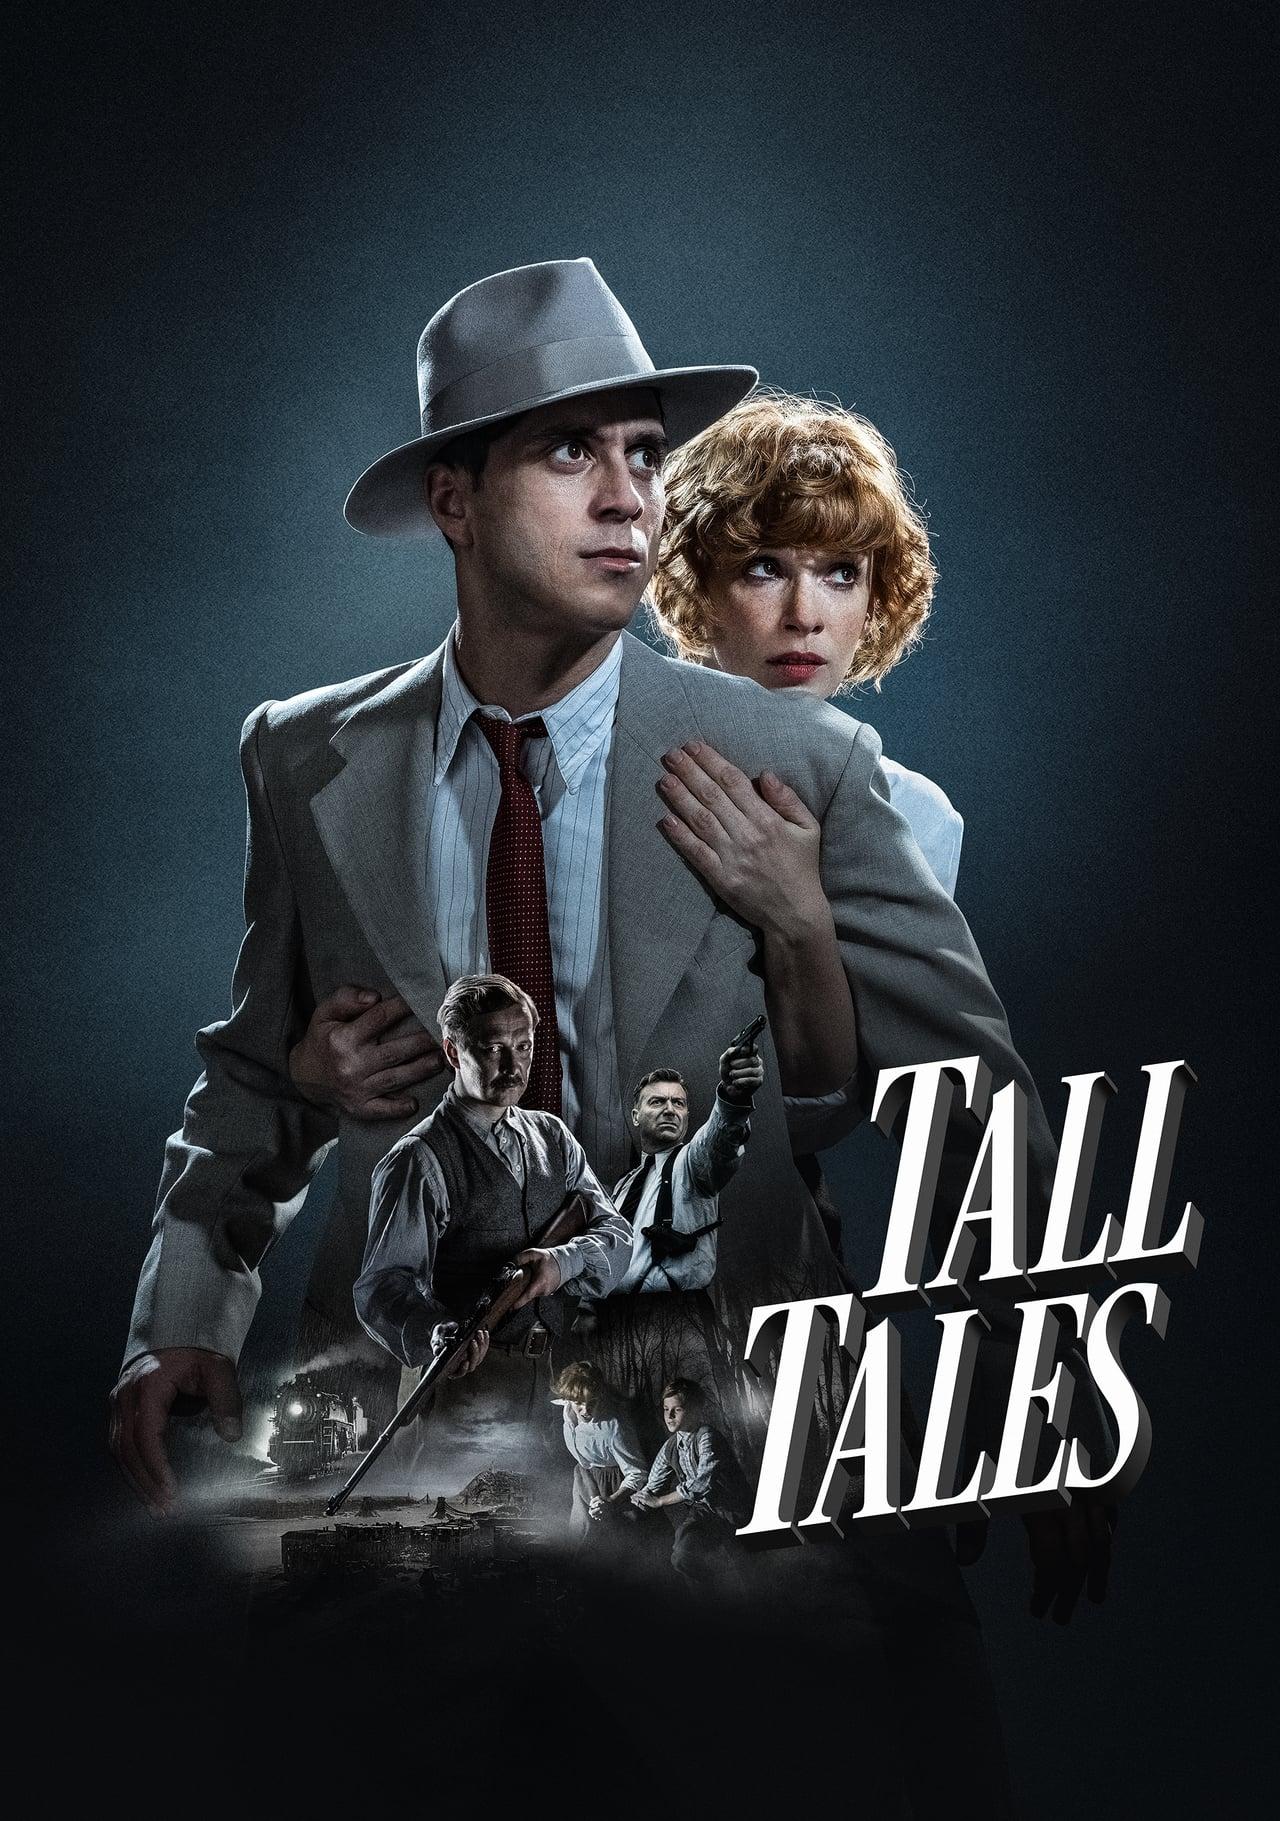 Tall Tales (2019)